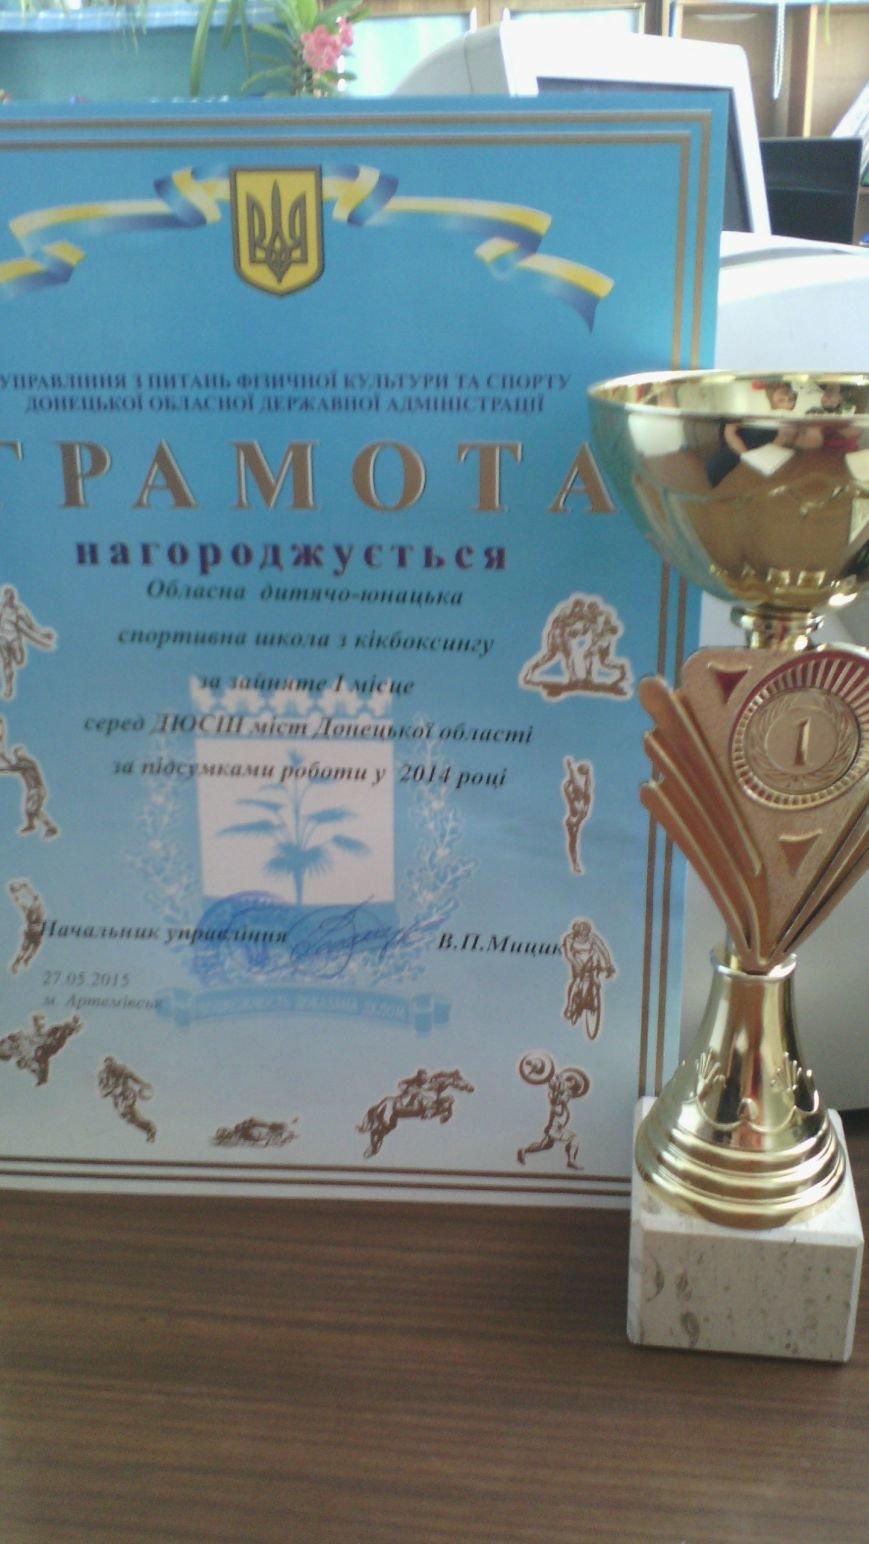 Итоговая коллегия наградила кикбоксеров Красноармейска, фото-1